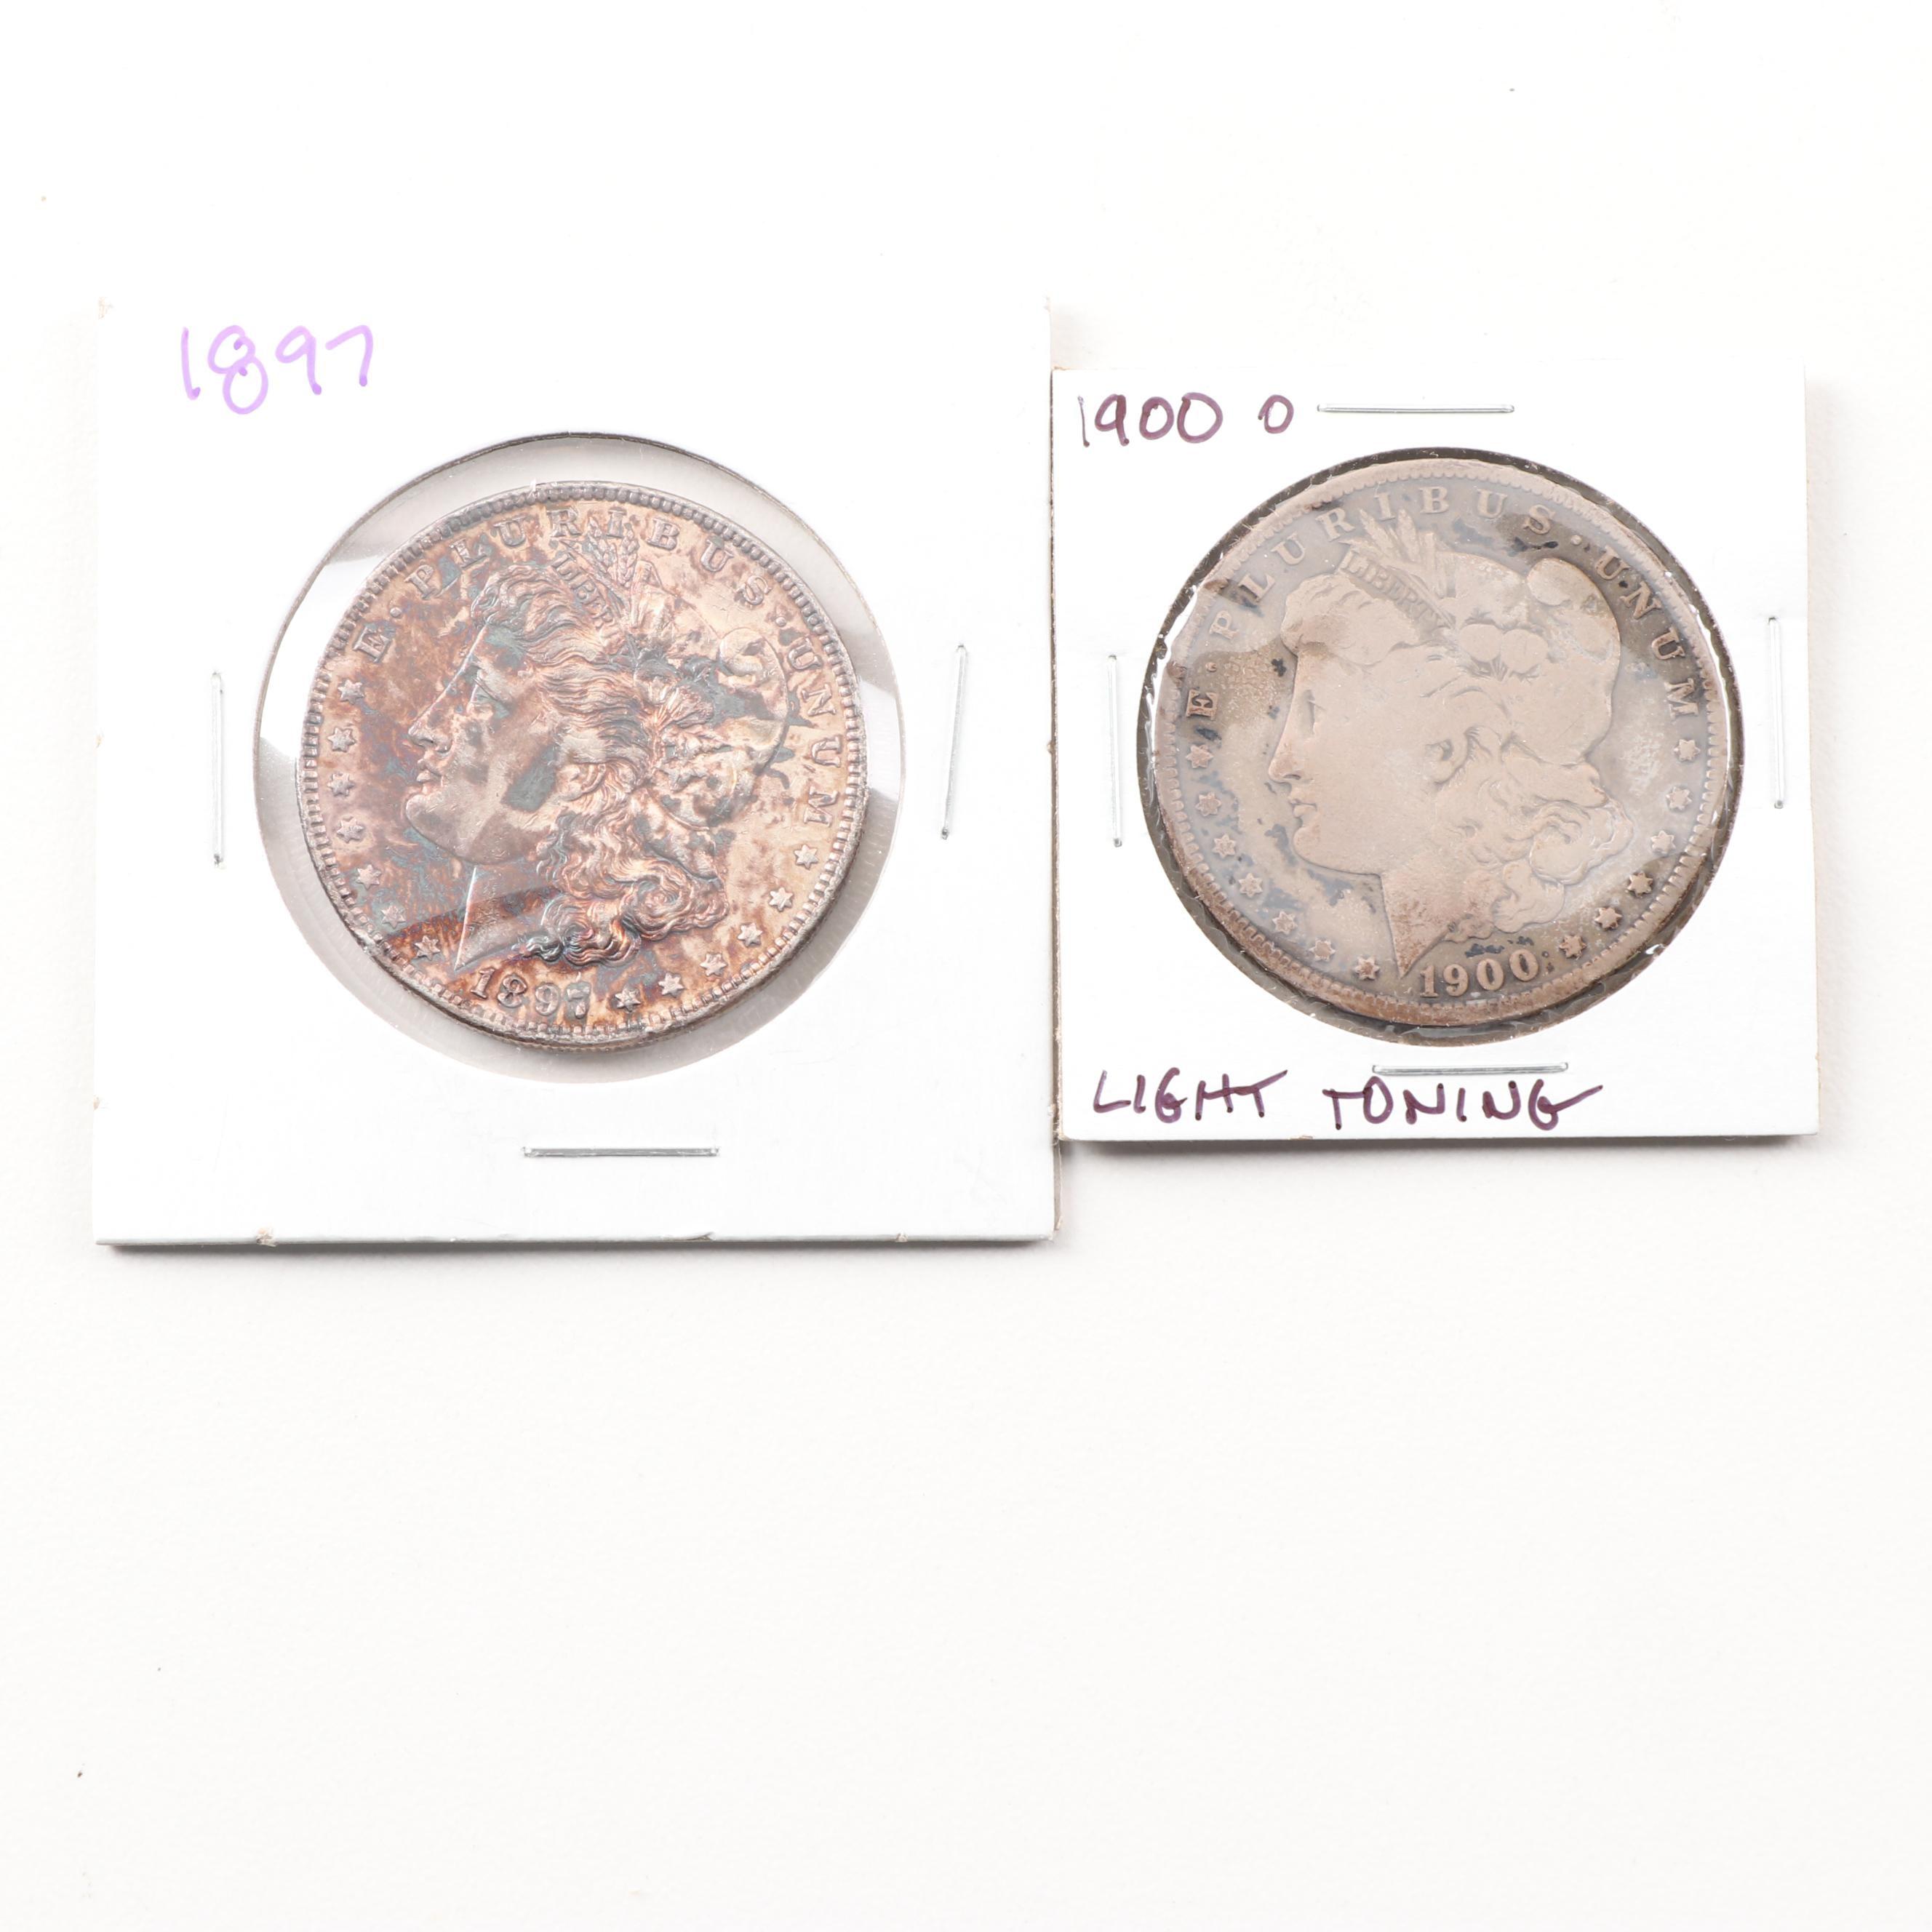 1897 and 1900 O Morgan Silver Dollars